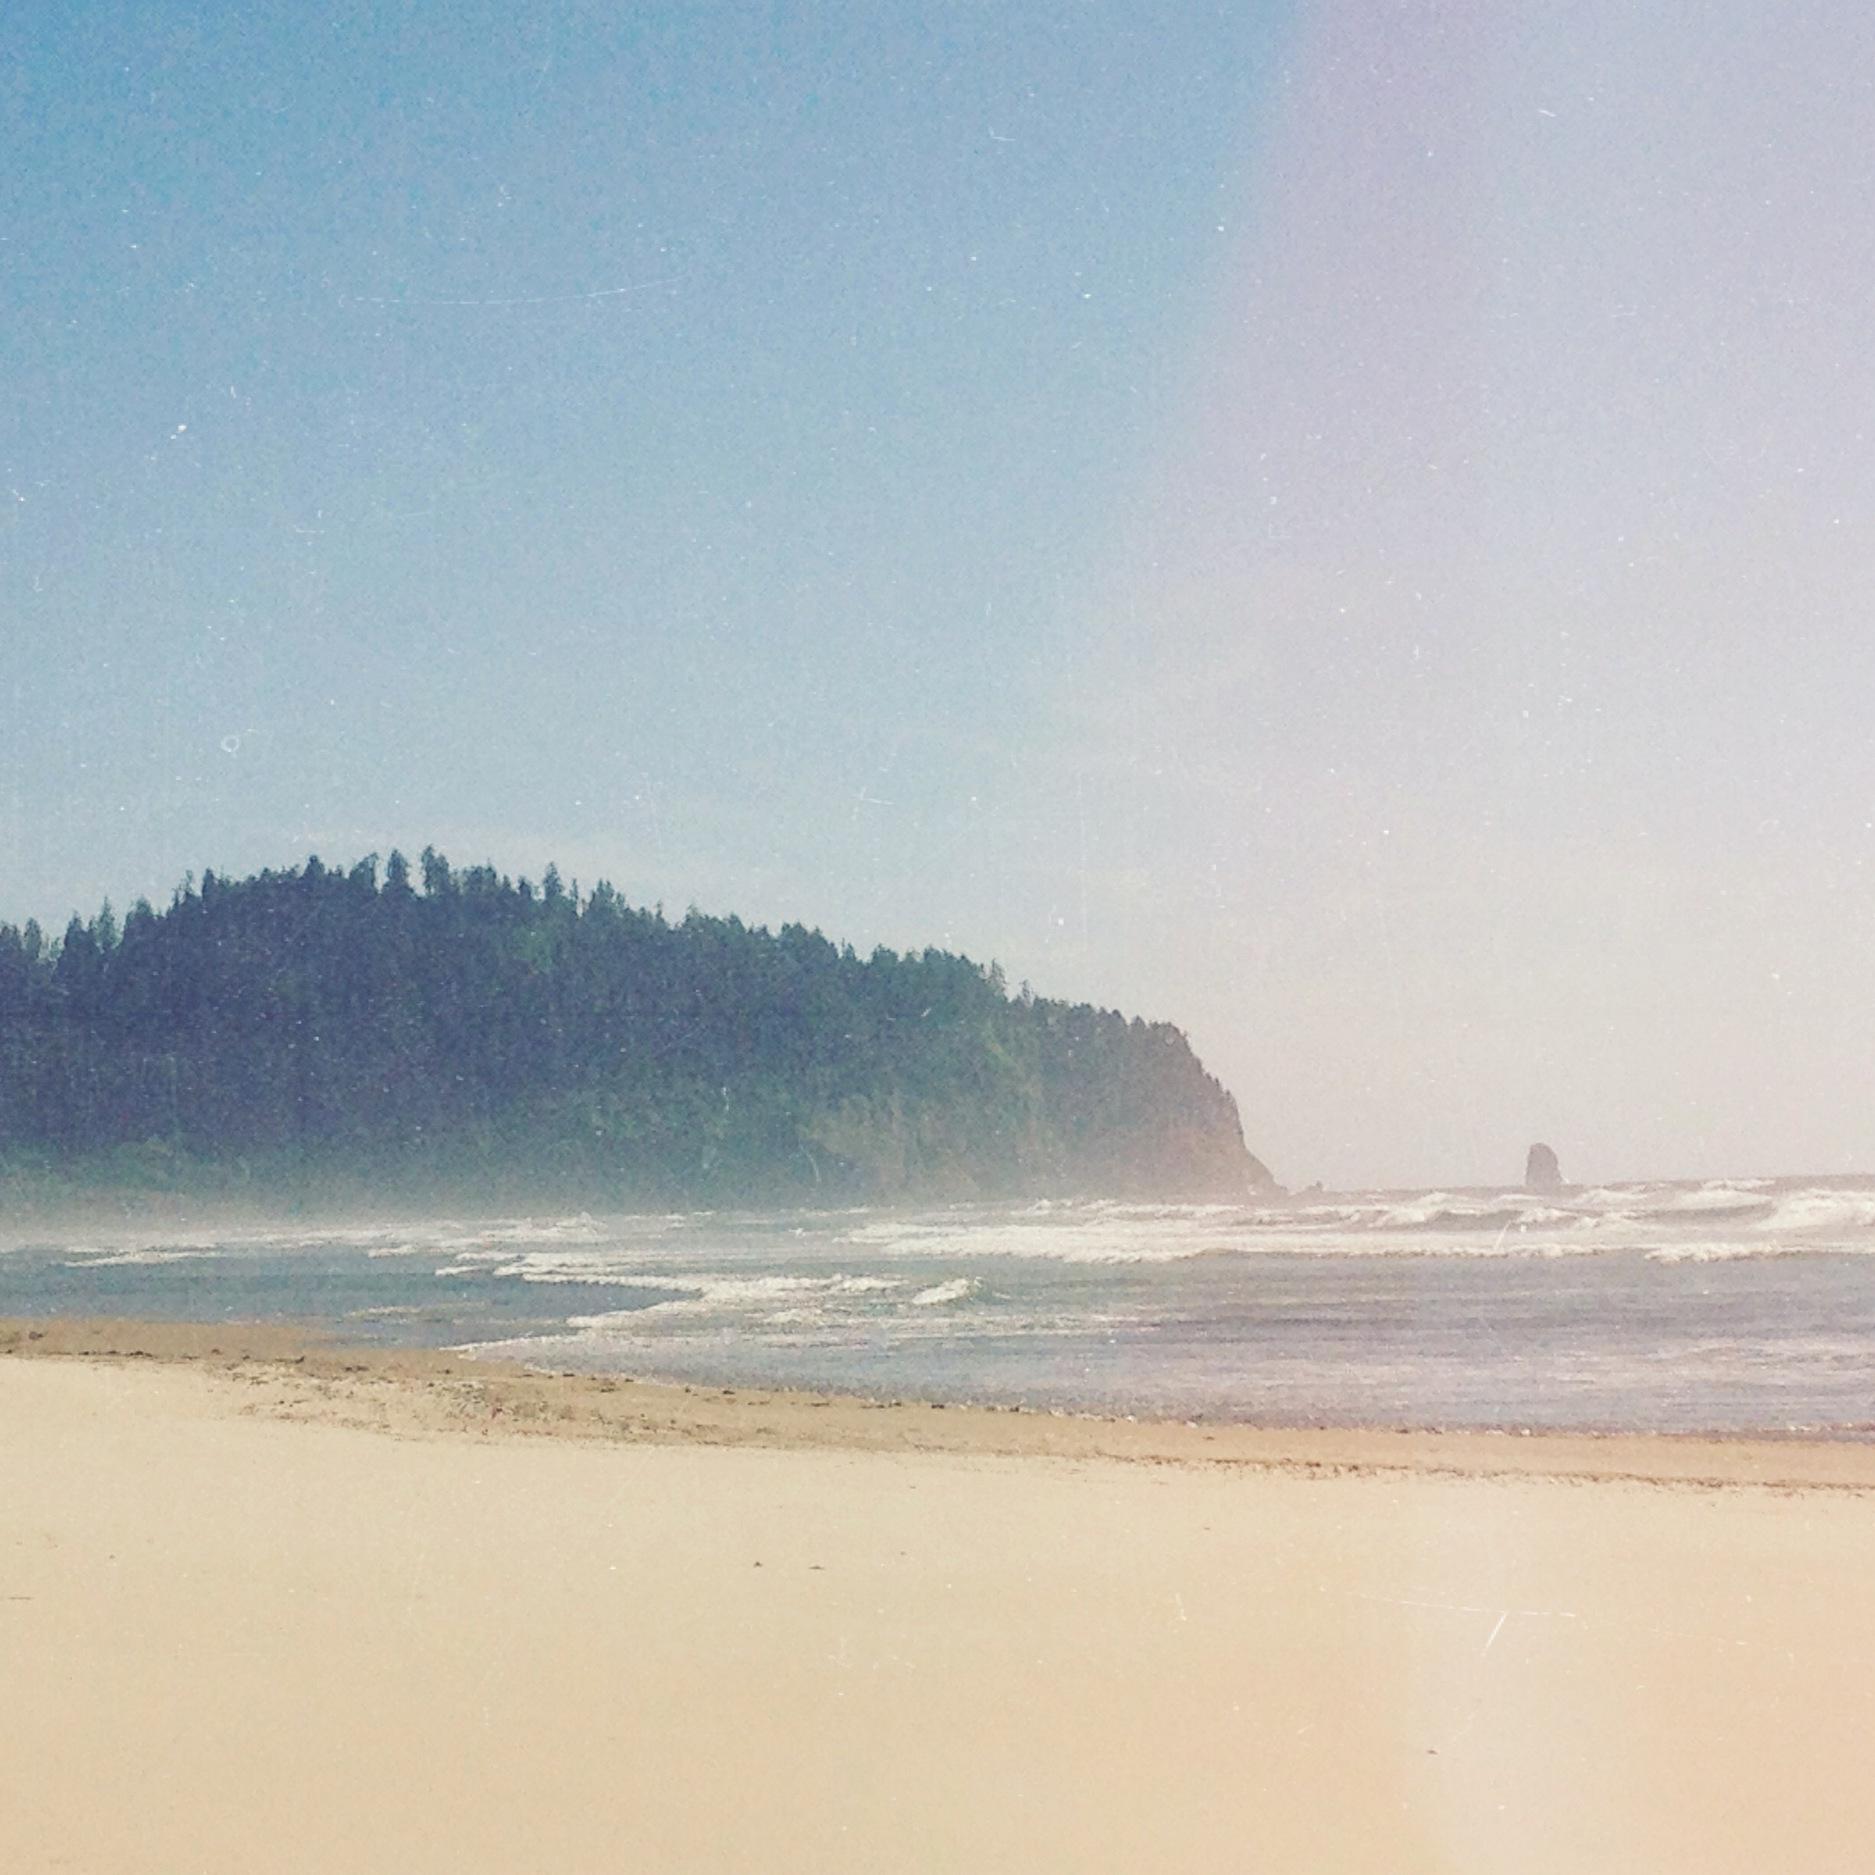 CANNON BEACH | OREGON